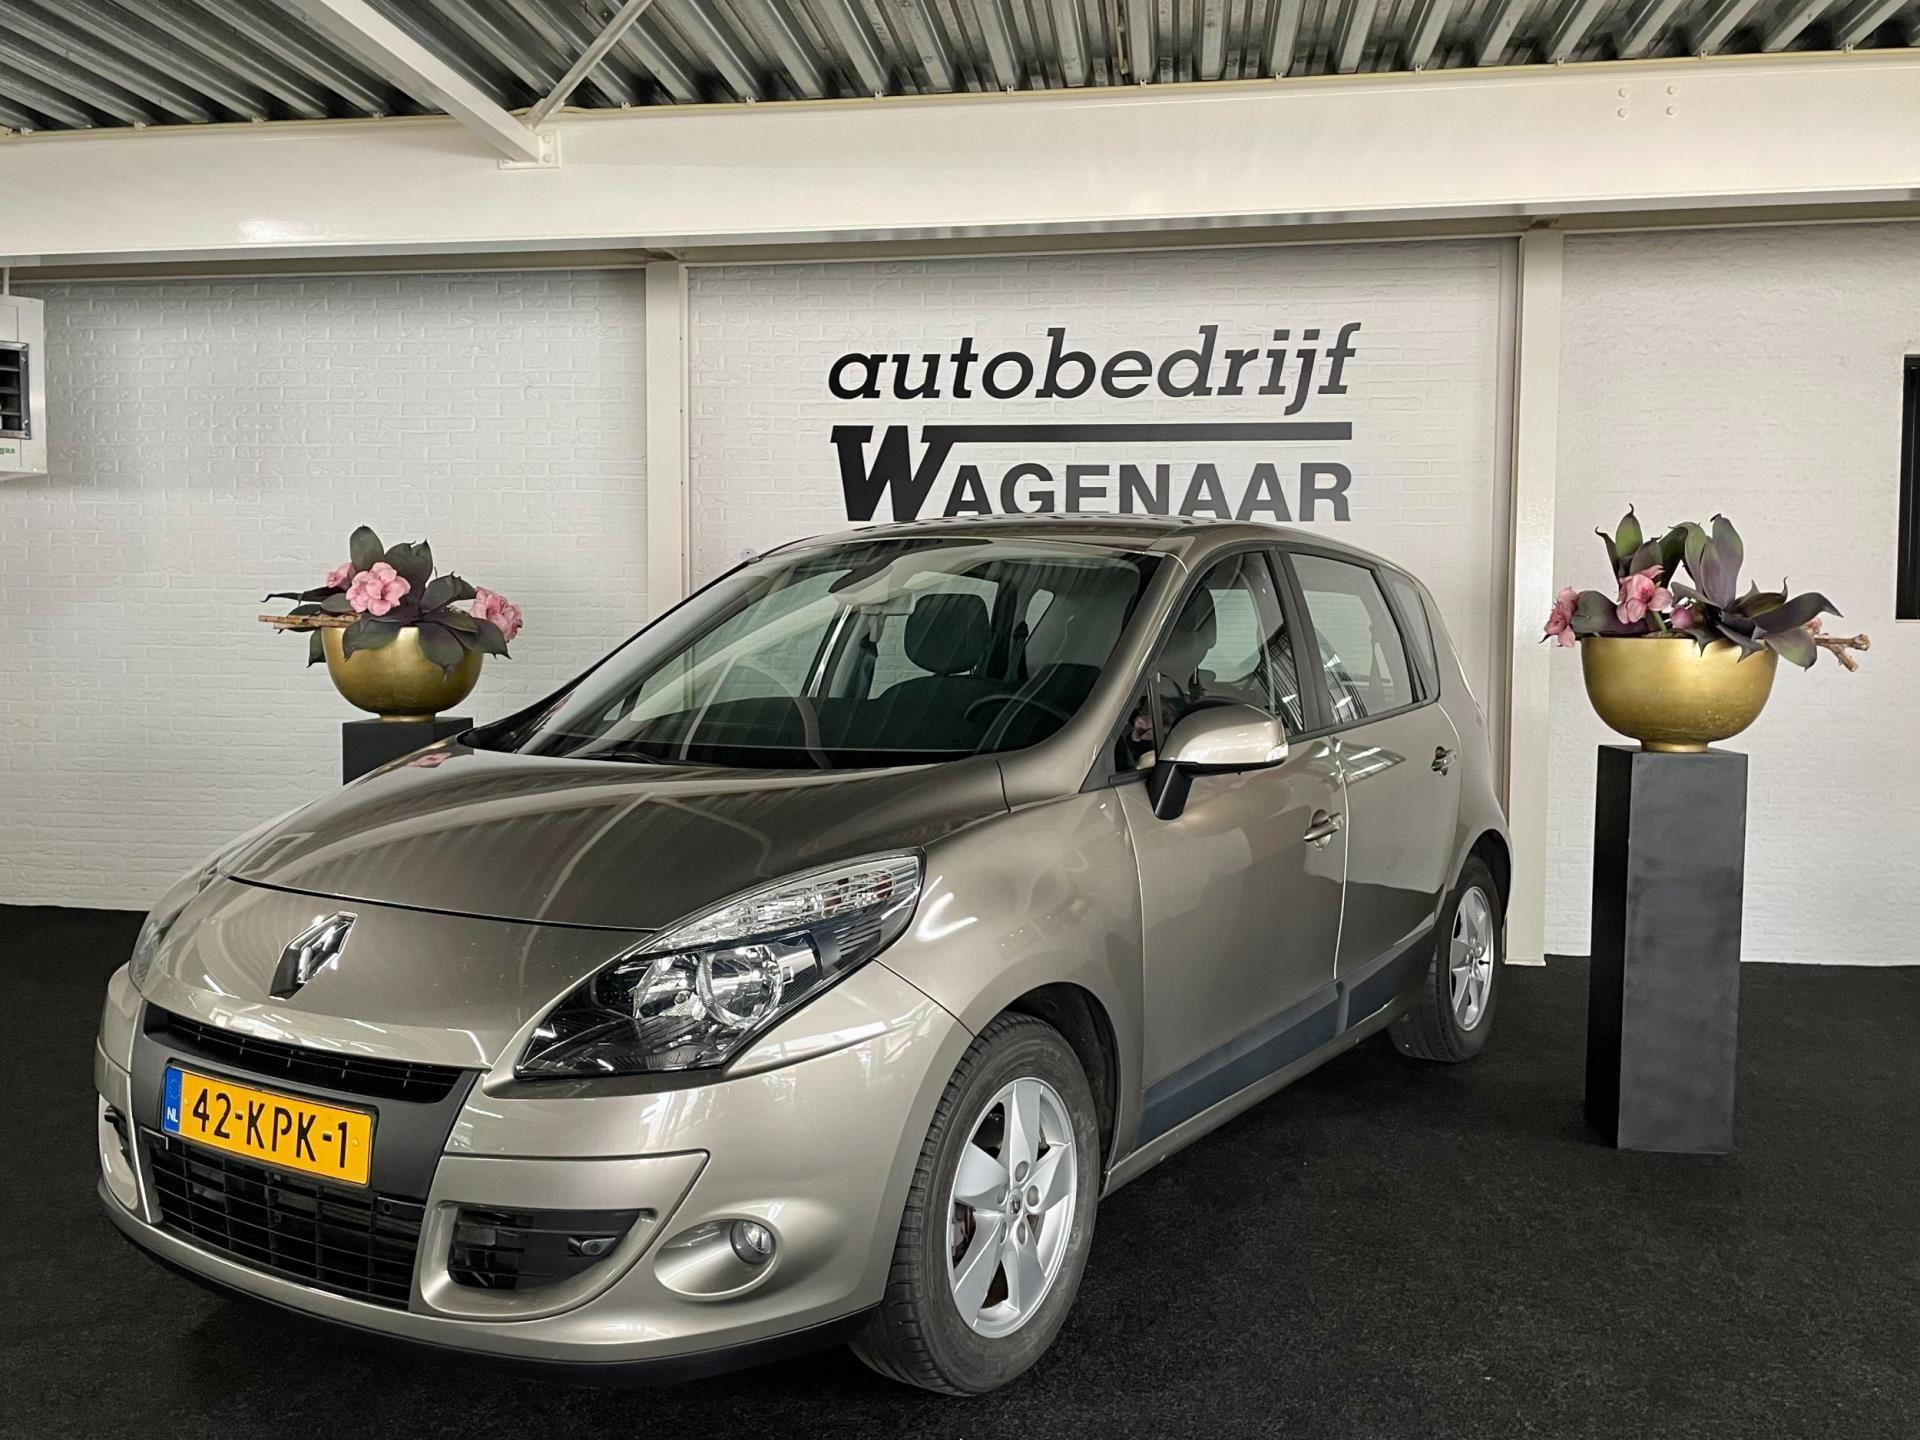 Renault Scénic occasion - Autobedrijf Wagenaar